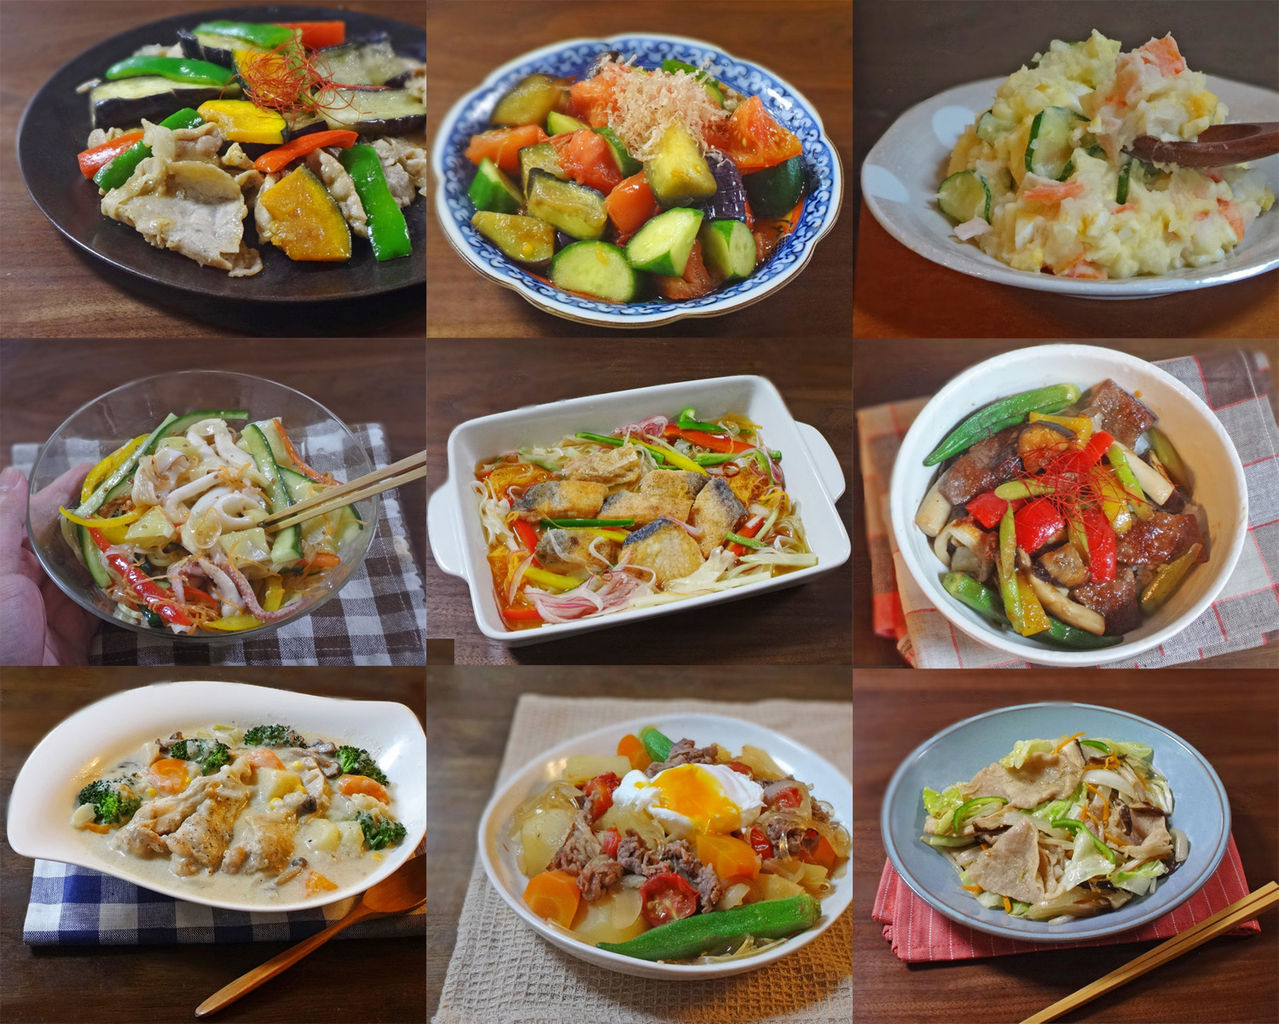 【野菜たっぷりレシピ9選】野菜のおいしさ堪能できる簡単ヘルシー料理